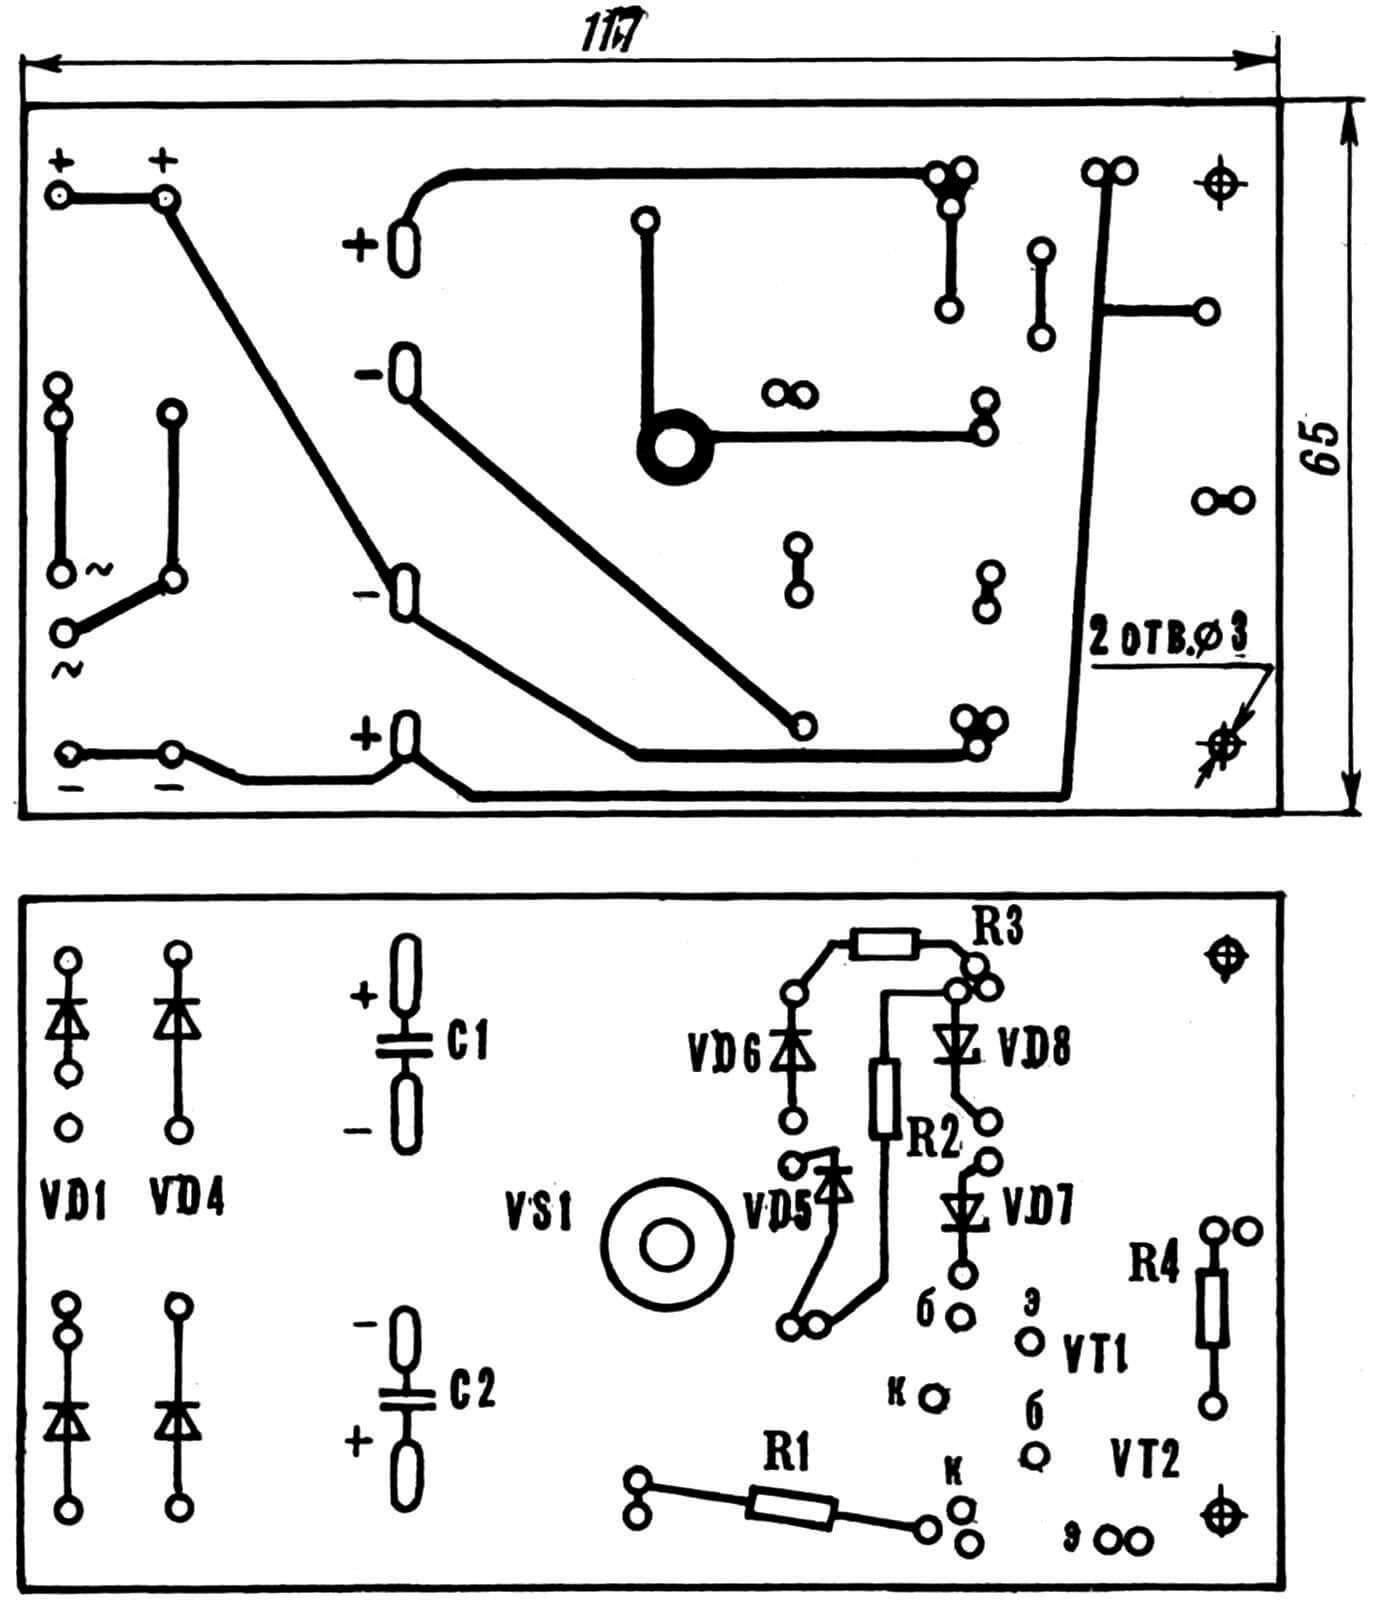 Рис. 5. Печатная плата стабилизатора со схемой расположения элементов.